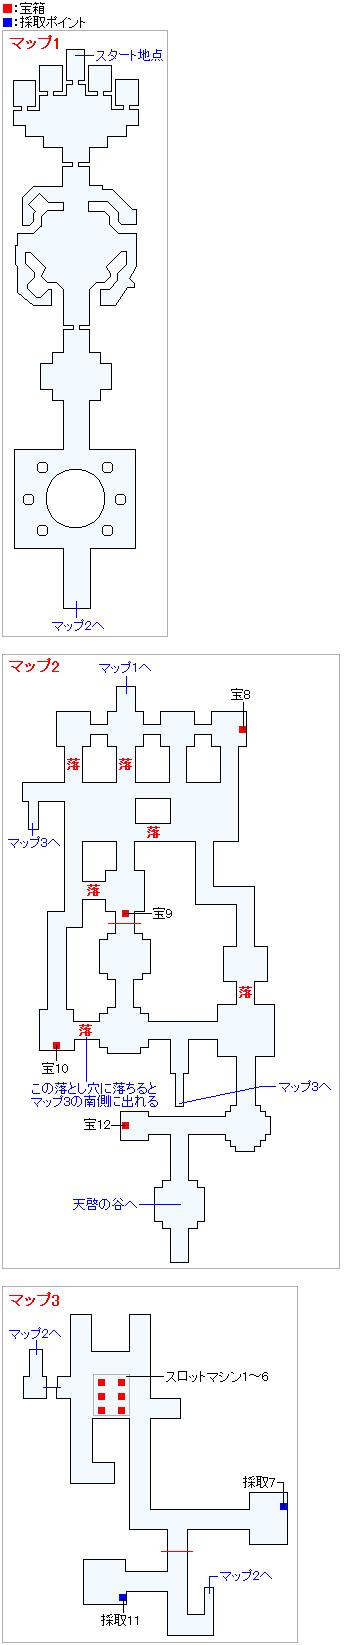 導師の試練・不屈の迷宮(ネルセンの迷宮)(3DS・3Dモード)のマップ画像